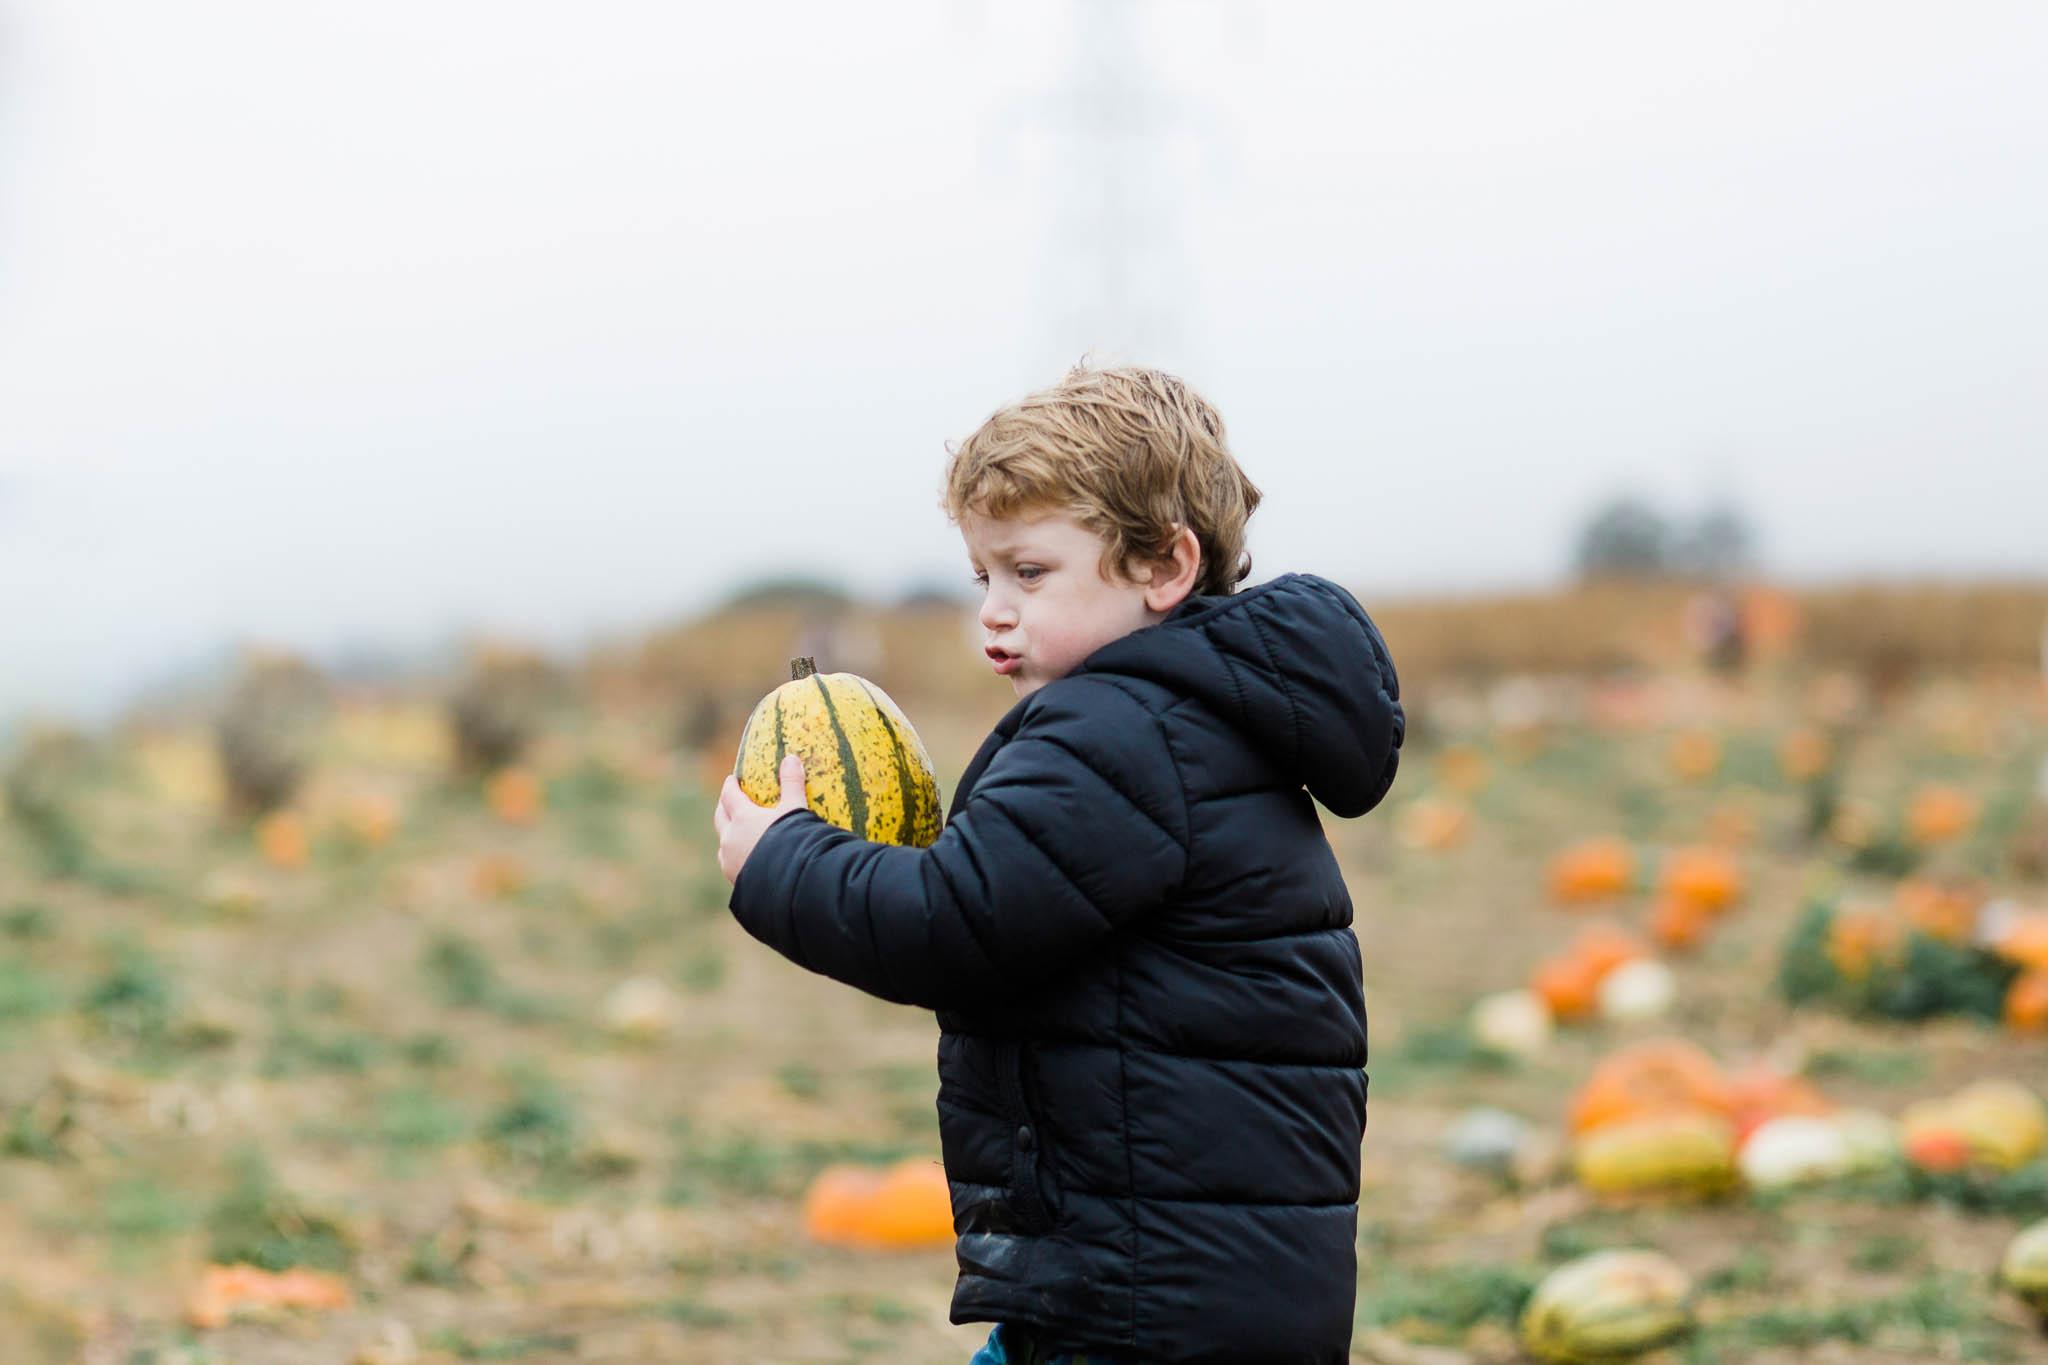 boy holding pumpkin - pumpkin patch family photography